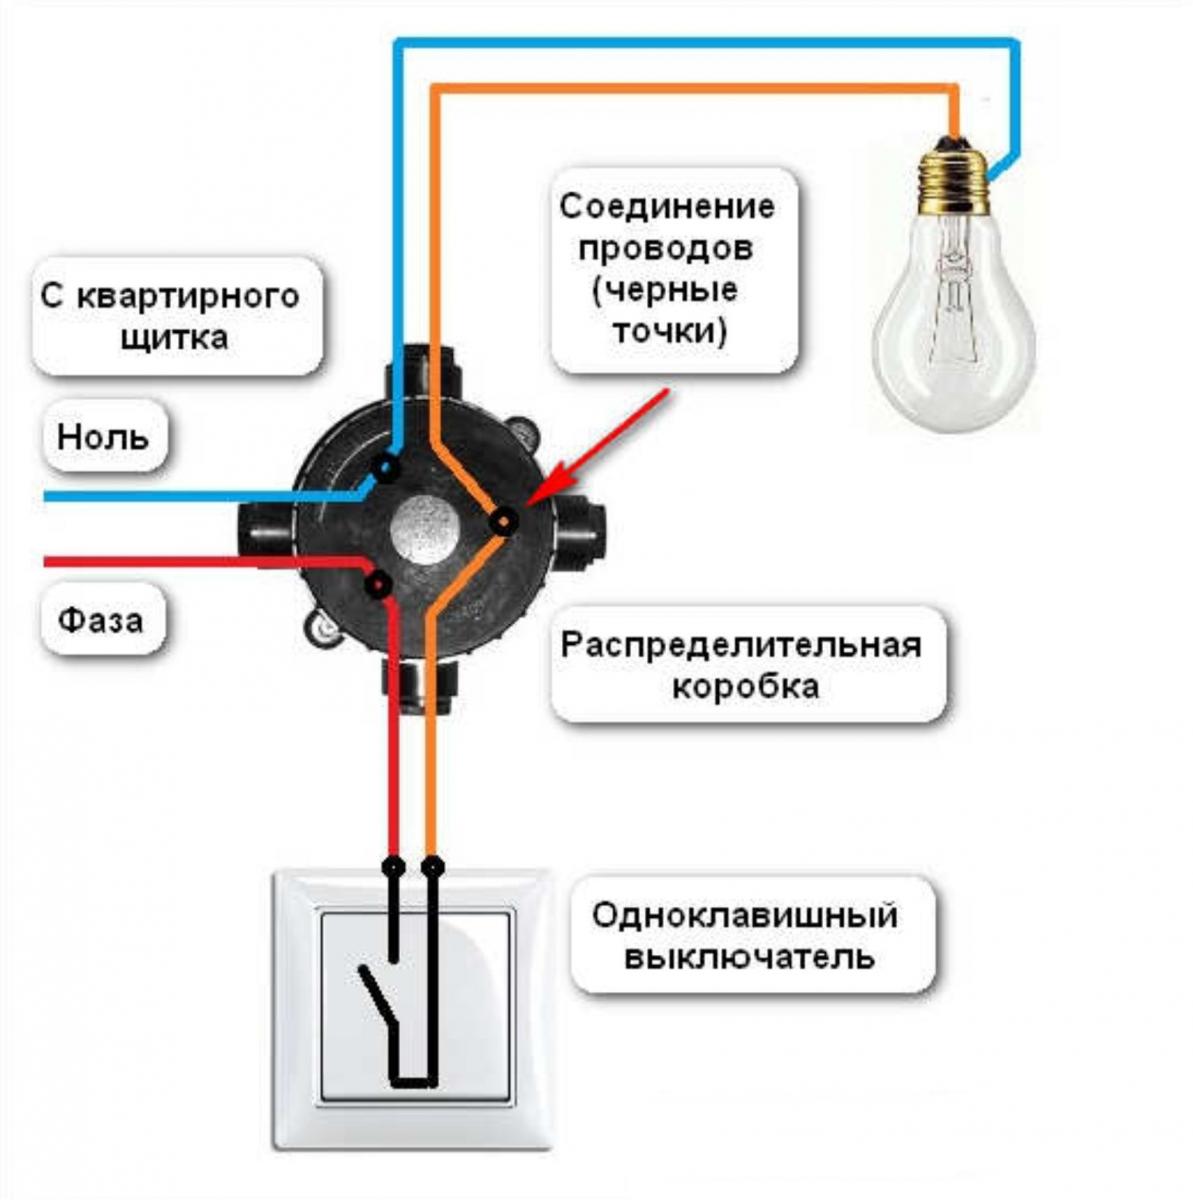 схема подключения люстры в 3 провода к 3 проводам